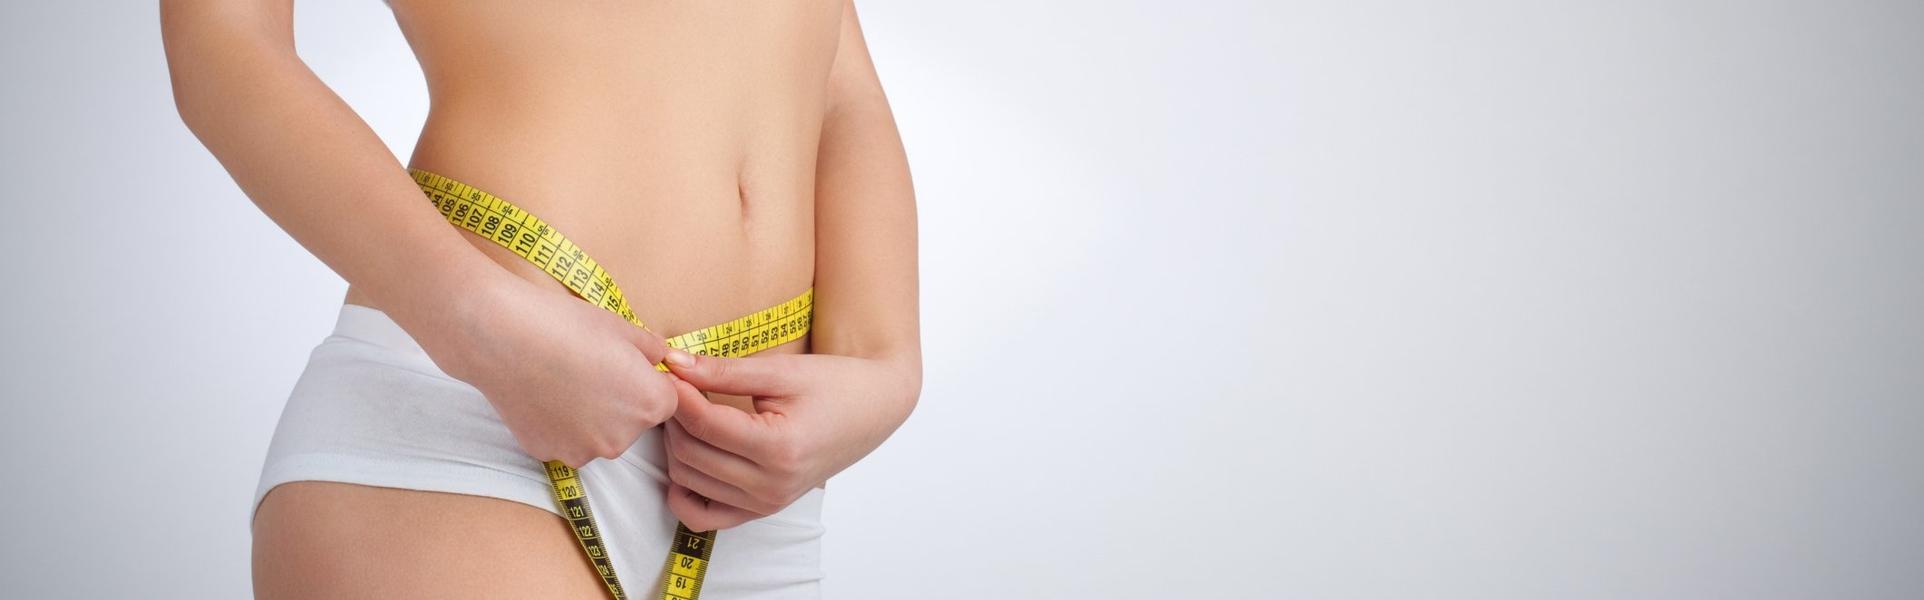 антицеллюлитный массаж можно похудеть